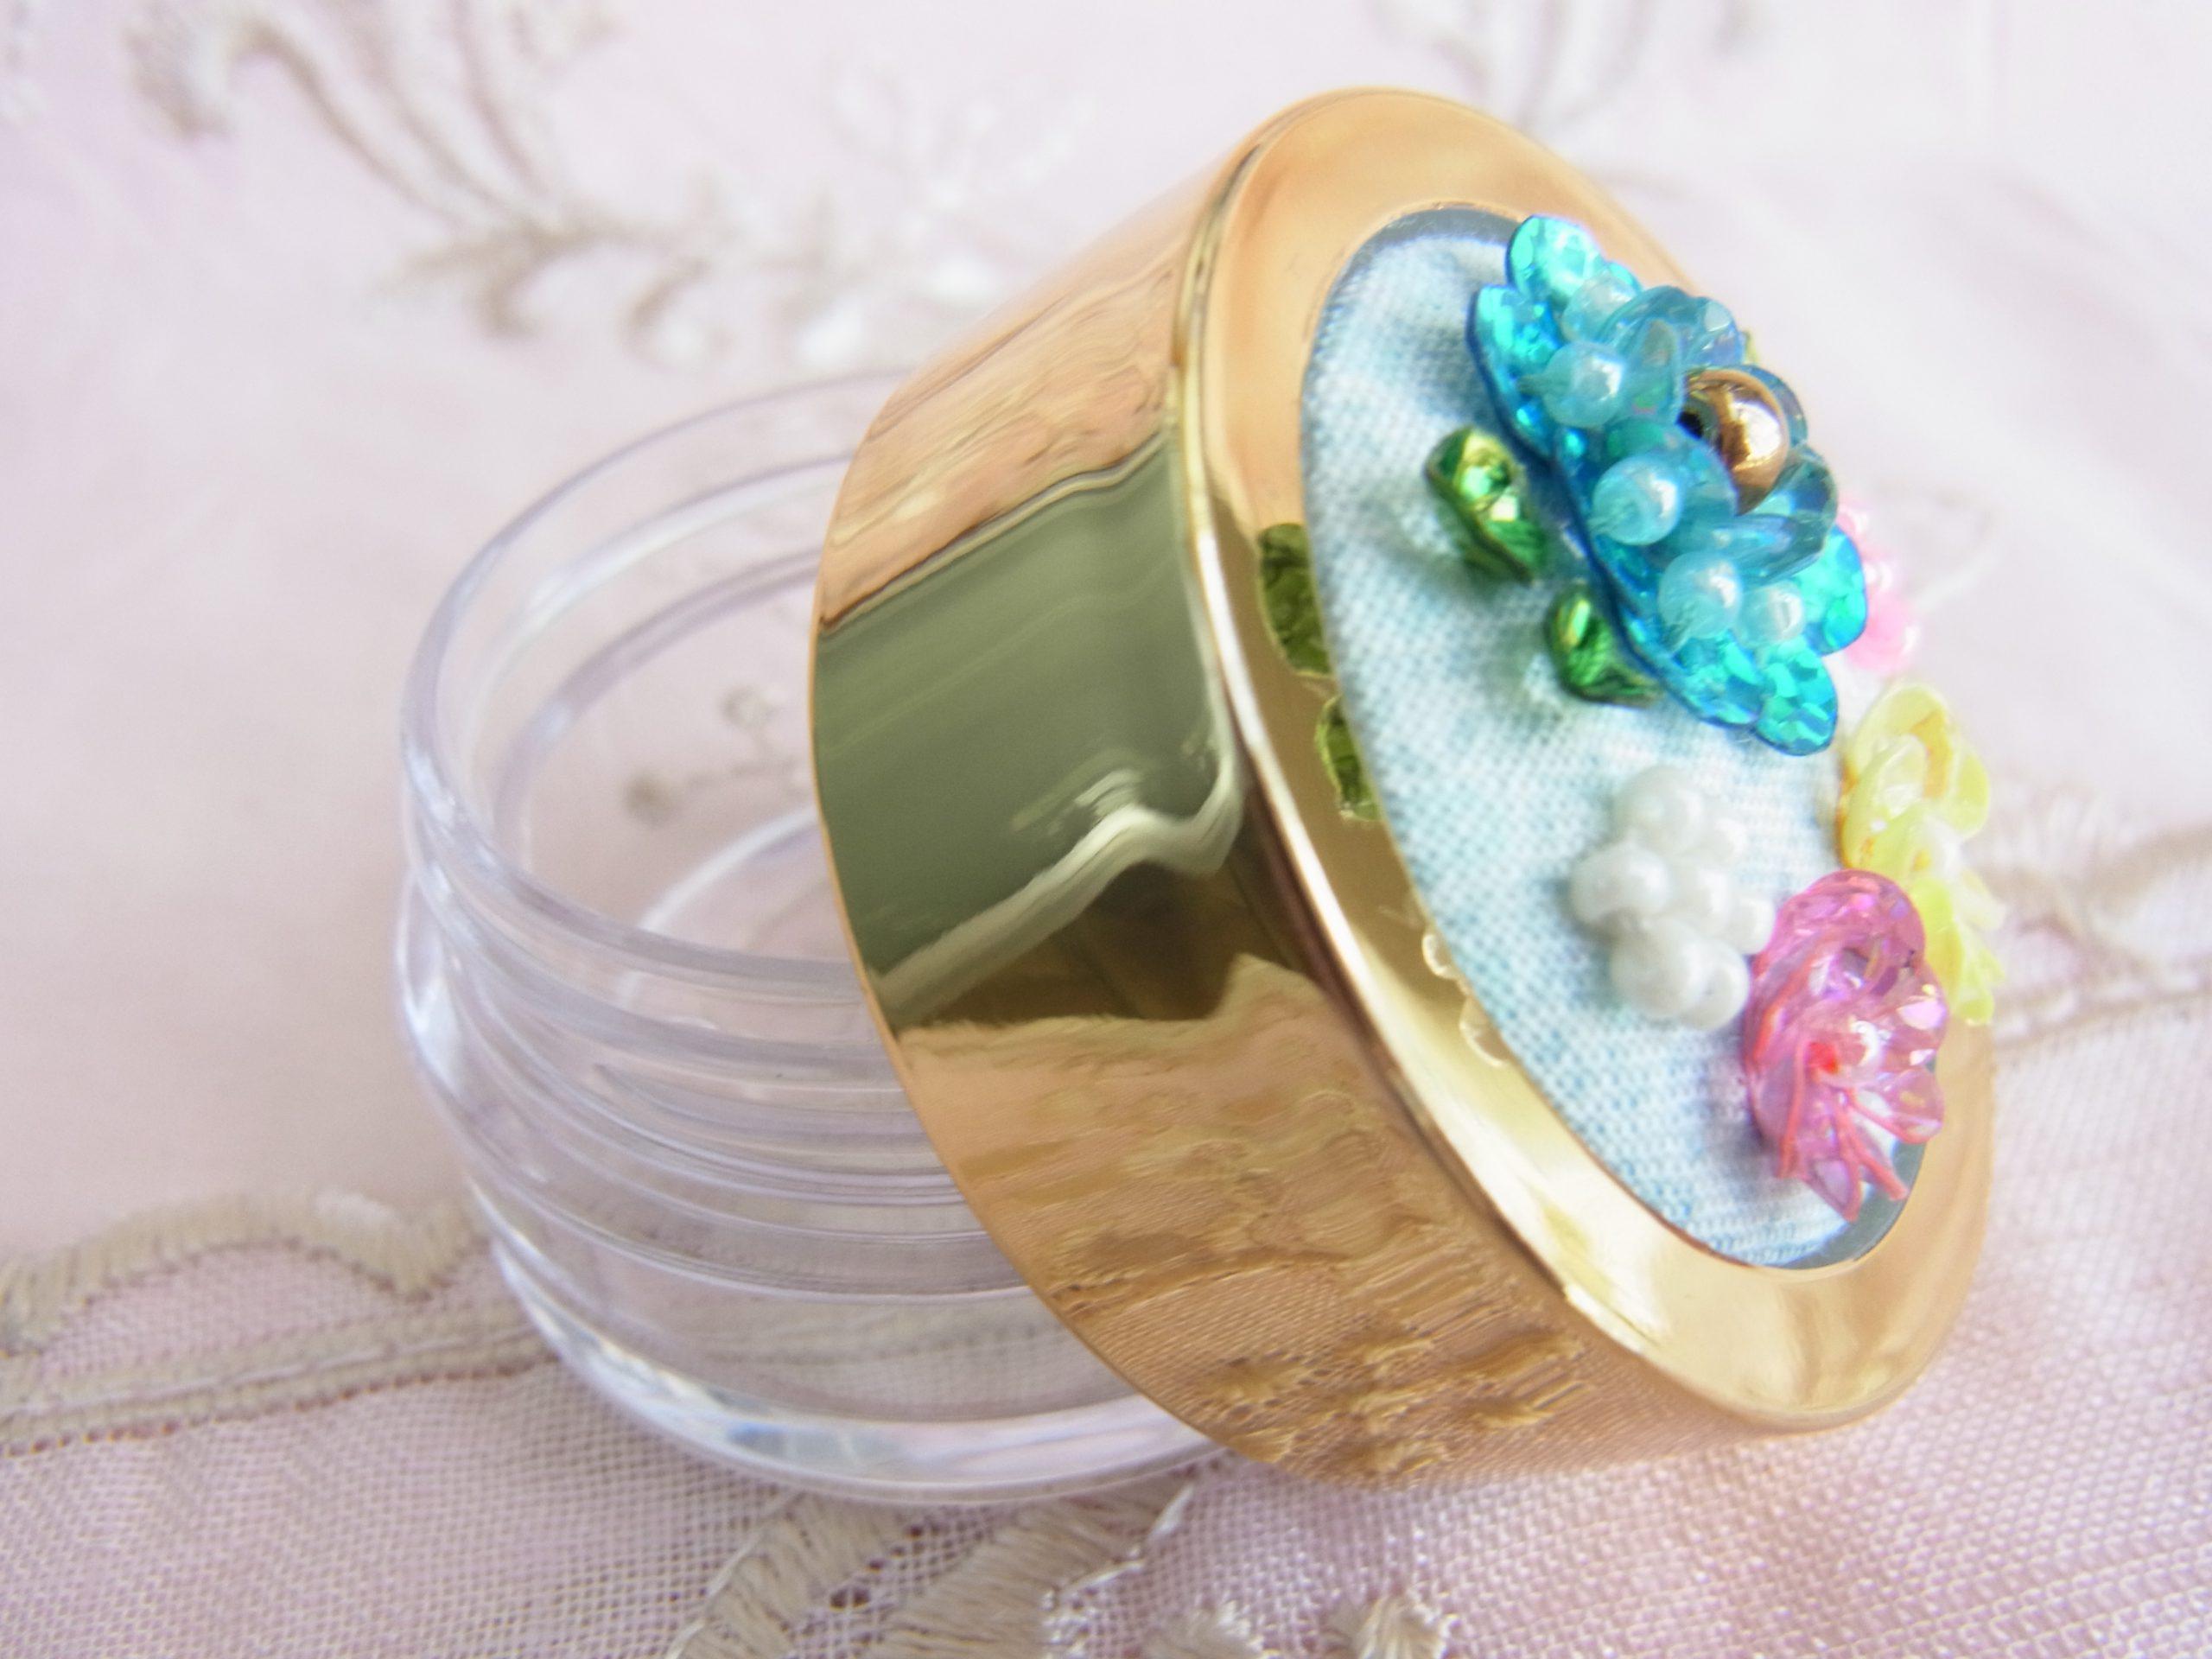 ピアスやサプリメントを入れるのに最適サイズ。ピンク、黄色、ブルーのスパンコールとビーズで刺した花があります。